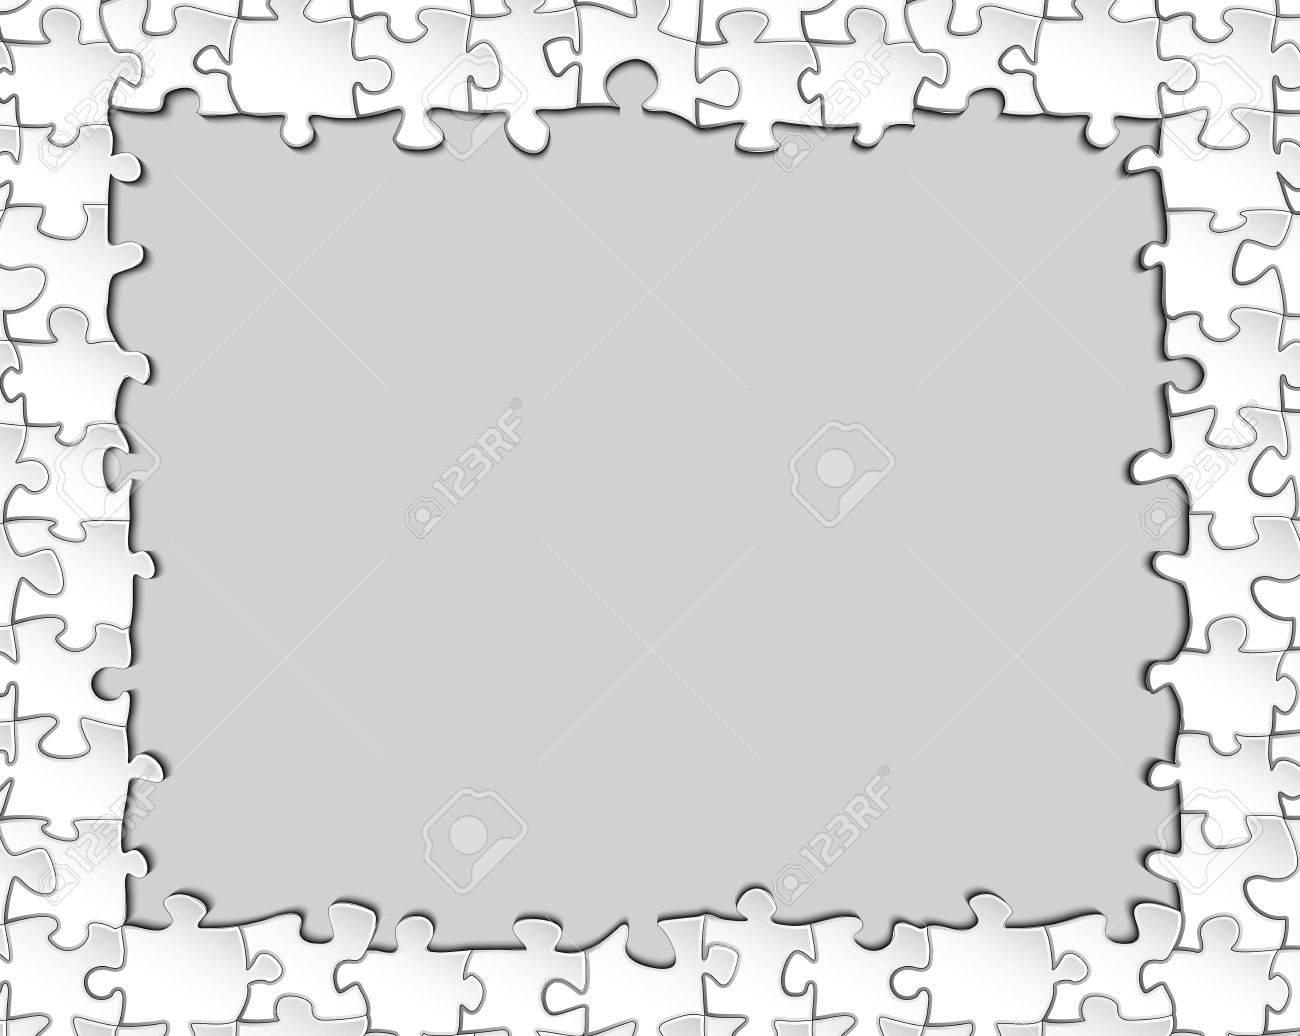 Groß Rahmen Für Puzzles Zeitgenössisch - Benutzerdefinierte ...